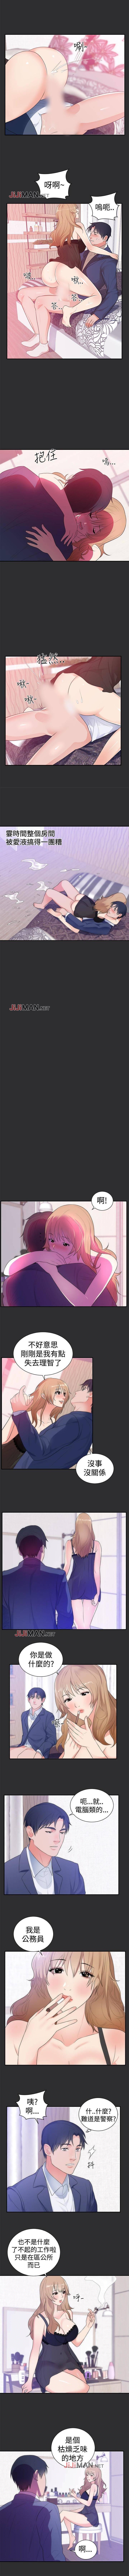 【已完结】性癖好(作者:主寧 & 洗髮精) 第1~30话 52